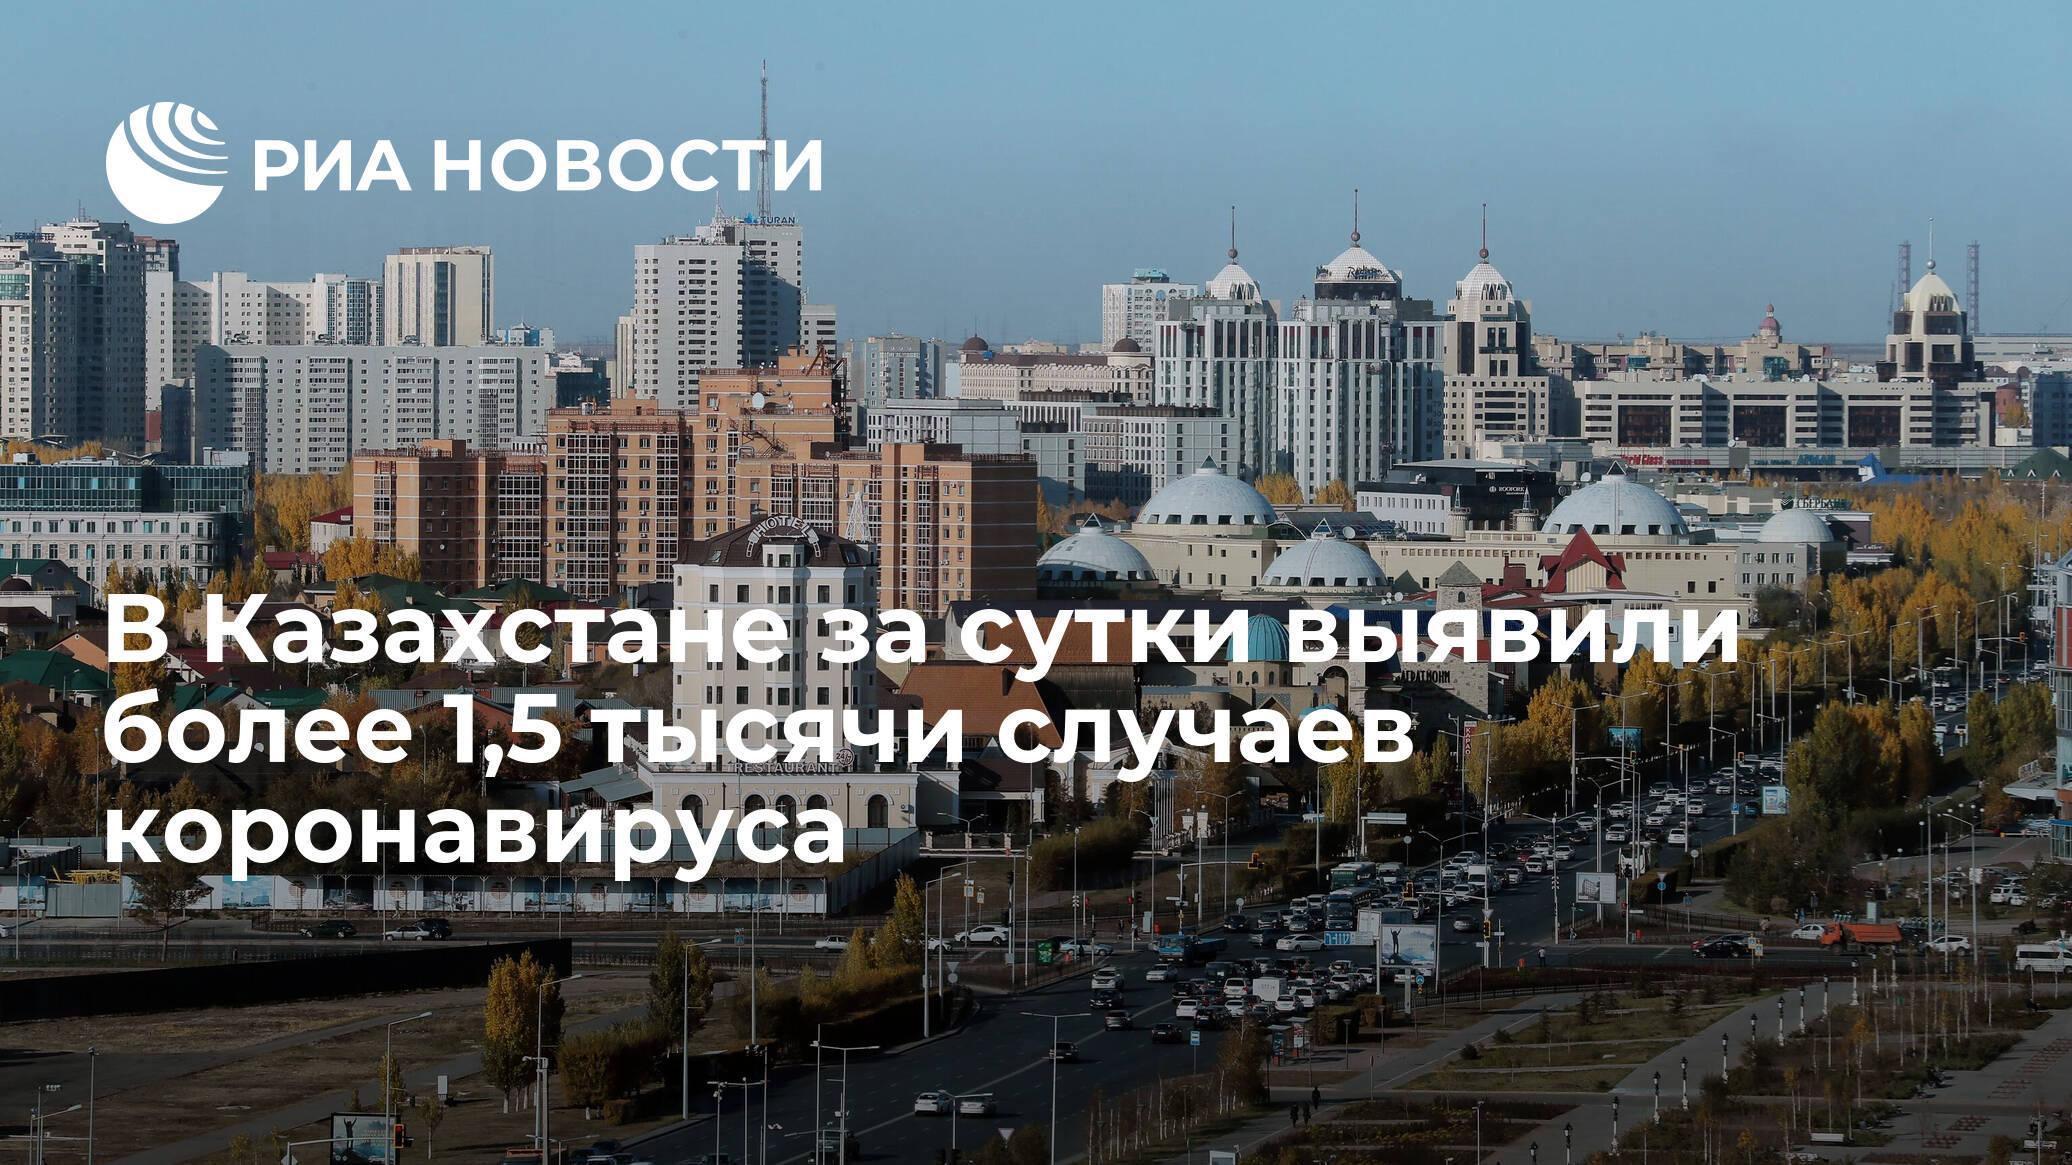 В Казахстане за сутки выявили более 1,5 тысячи случаев коронавируса